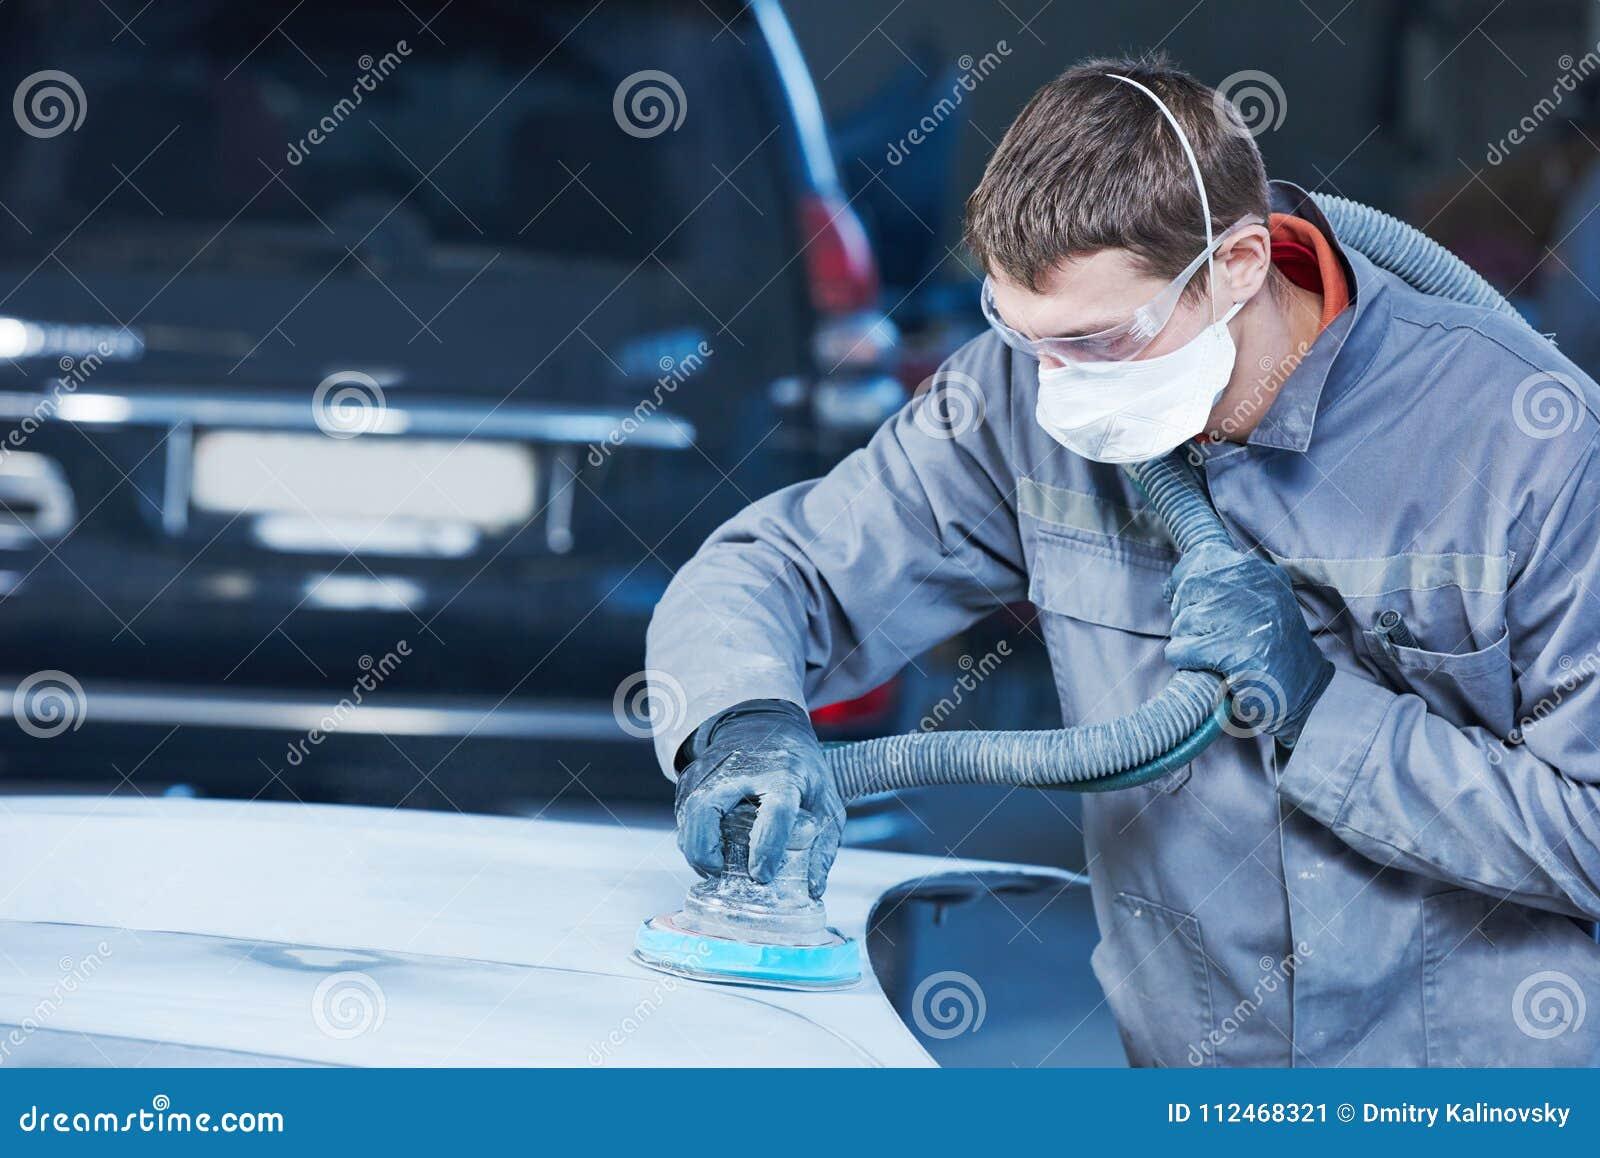 Malande autobody hätta för auto repairman